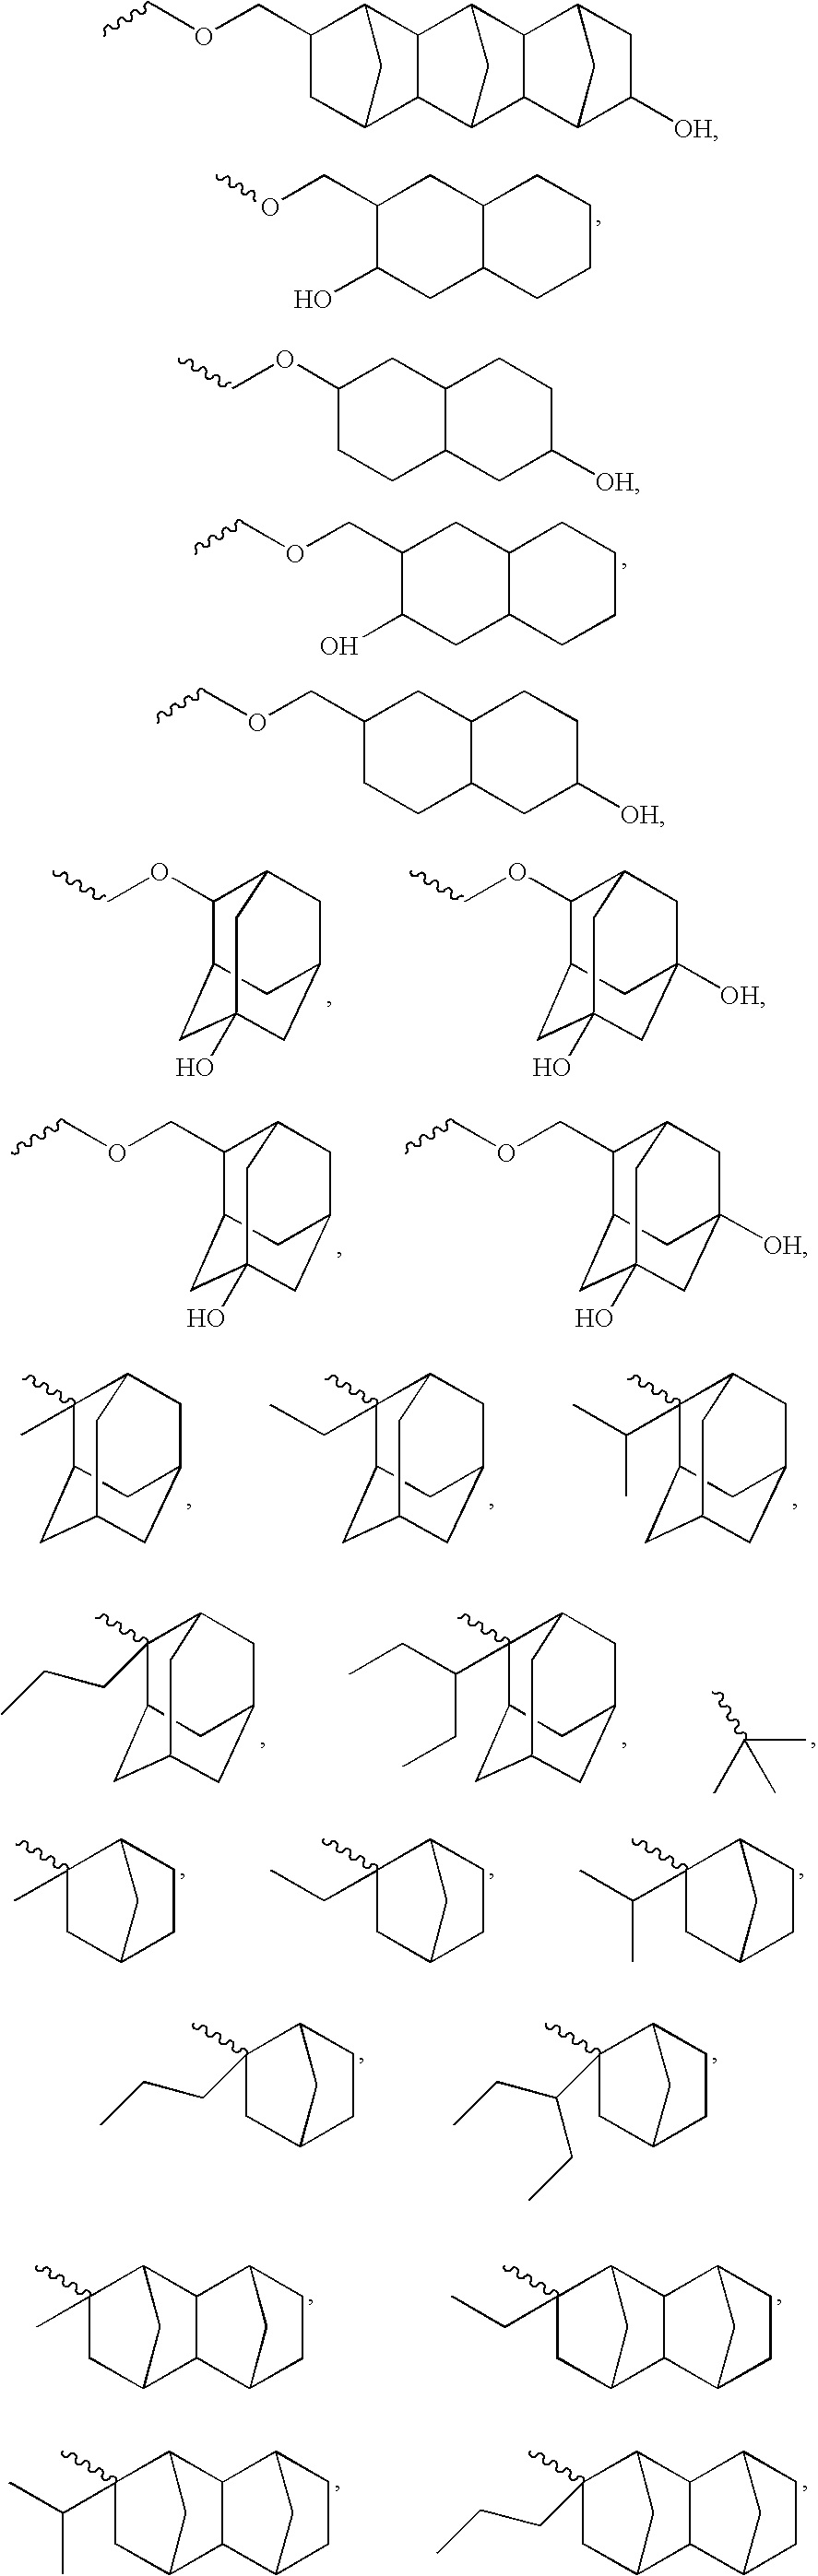 Figure US20100233622A1-20100916-C00010